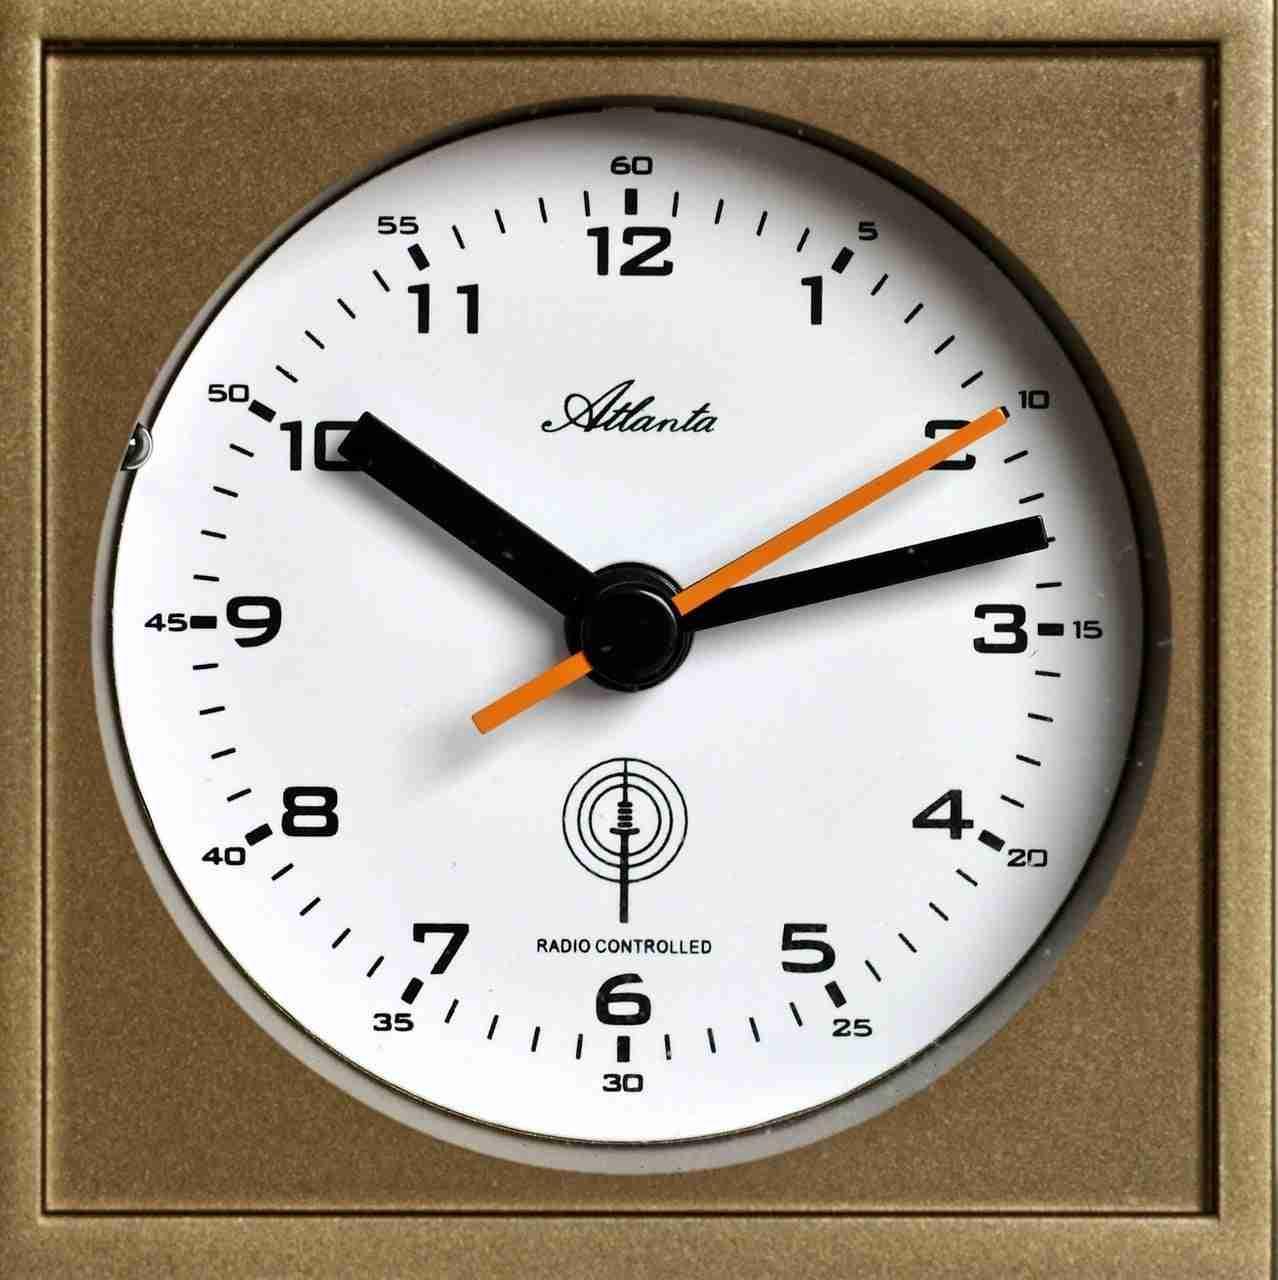 15 minute loans direct lenders clock face